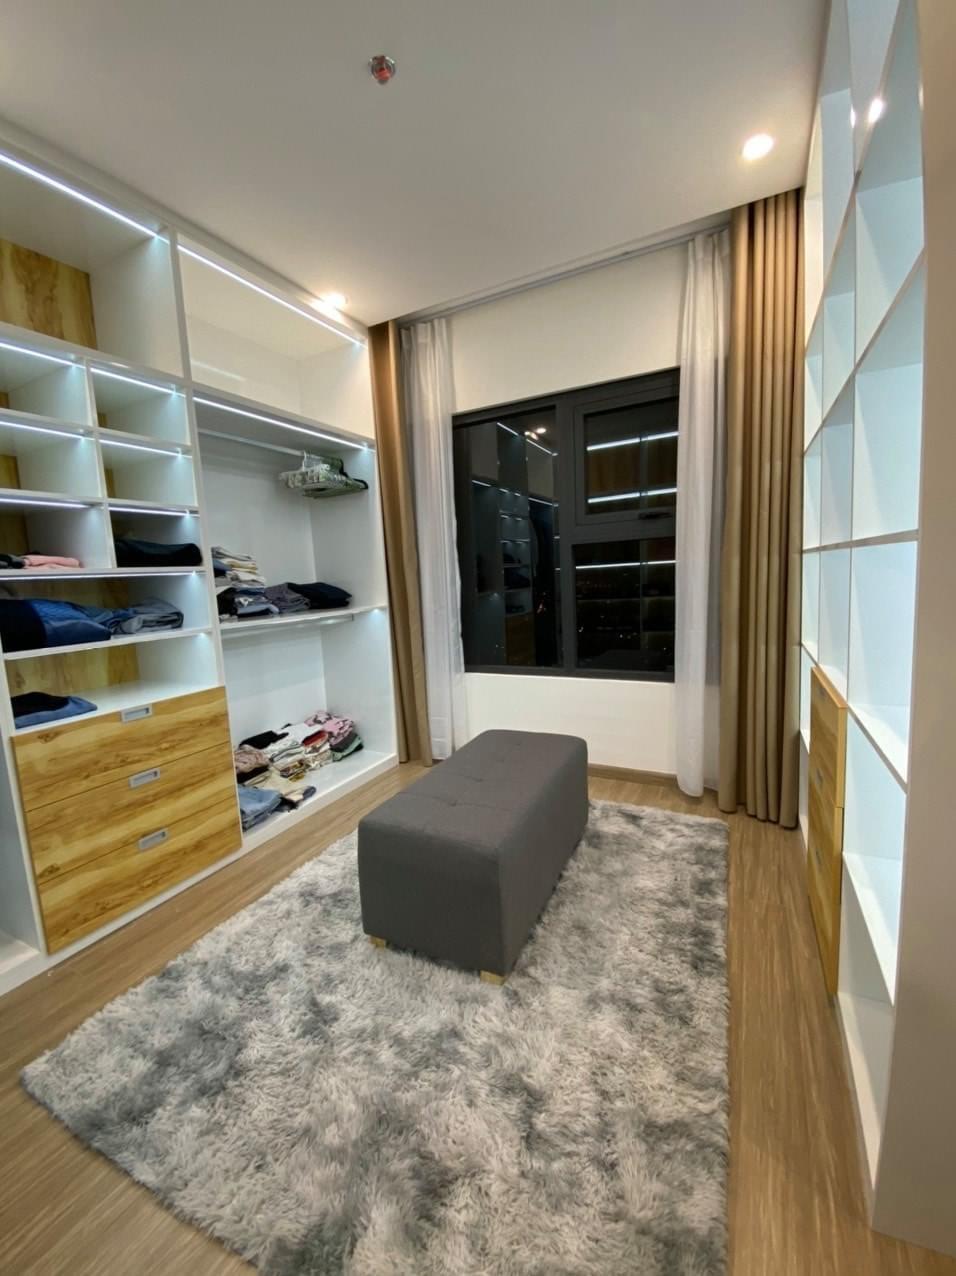 Căn hộ 3 phòng ngủ tầng 34 toà S5.03 Vinhomes Grand park cho thuê 10tr 4